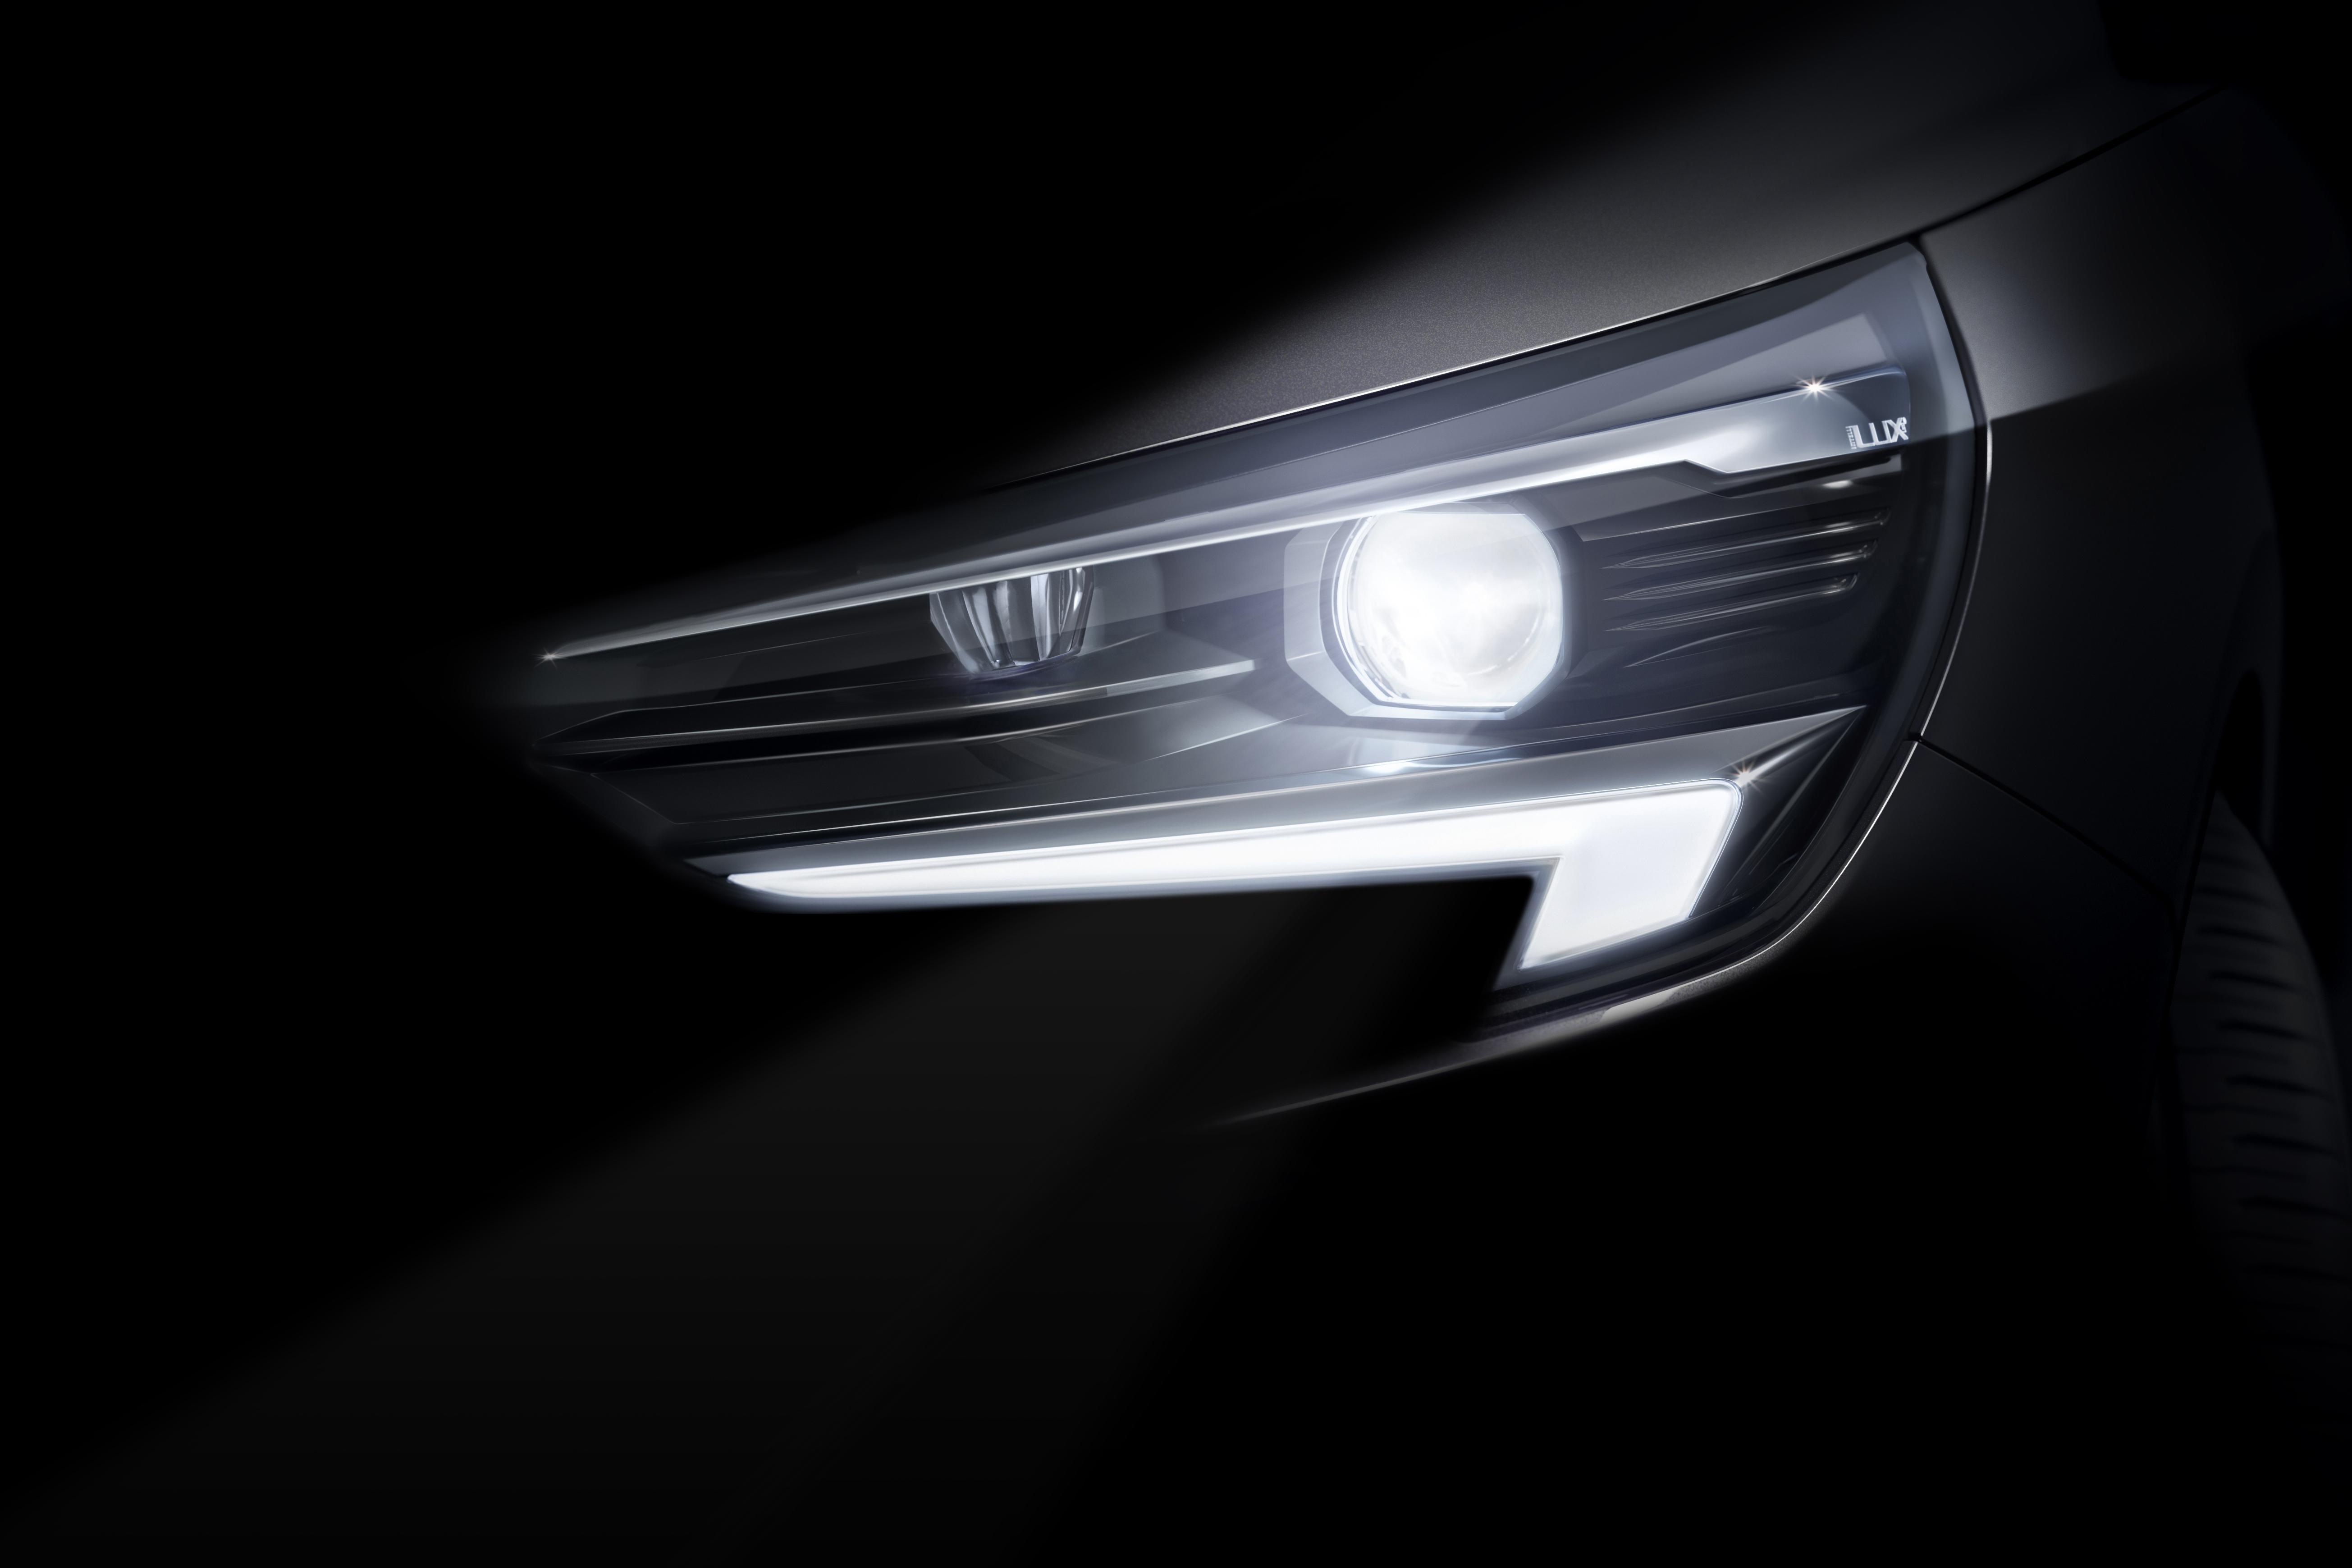 N-chster-Opel-Corsa-bringt-Top-Technologien-ins-Kleinwagen-Segment